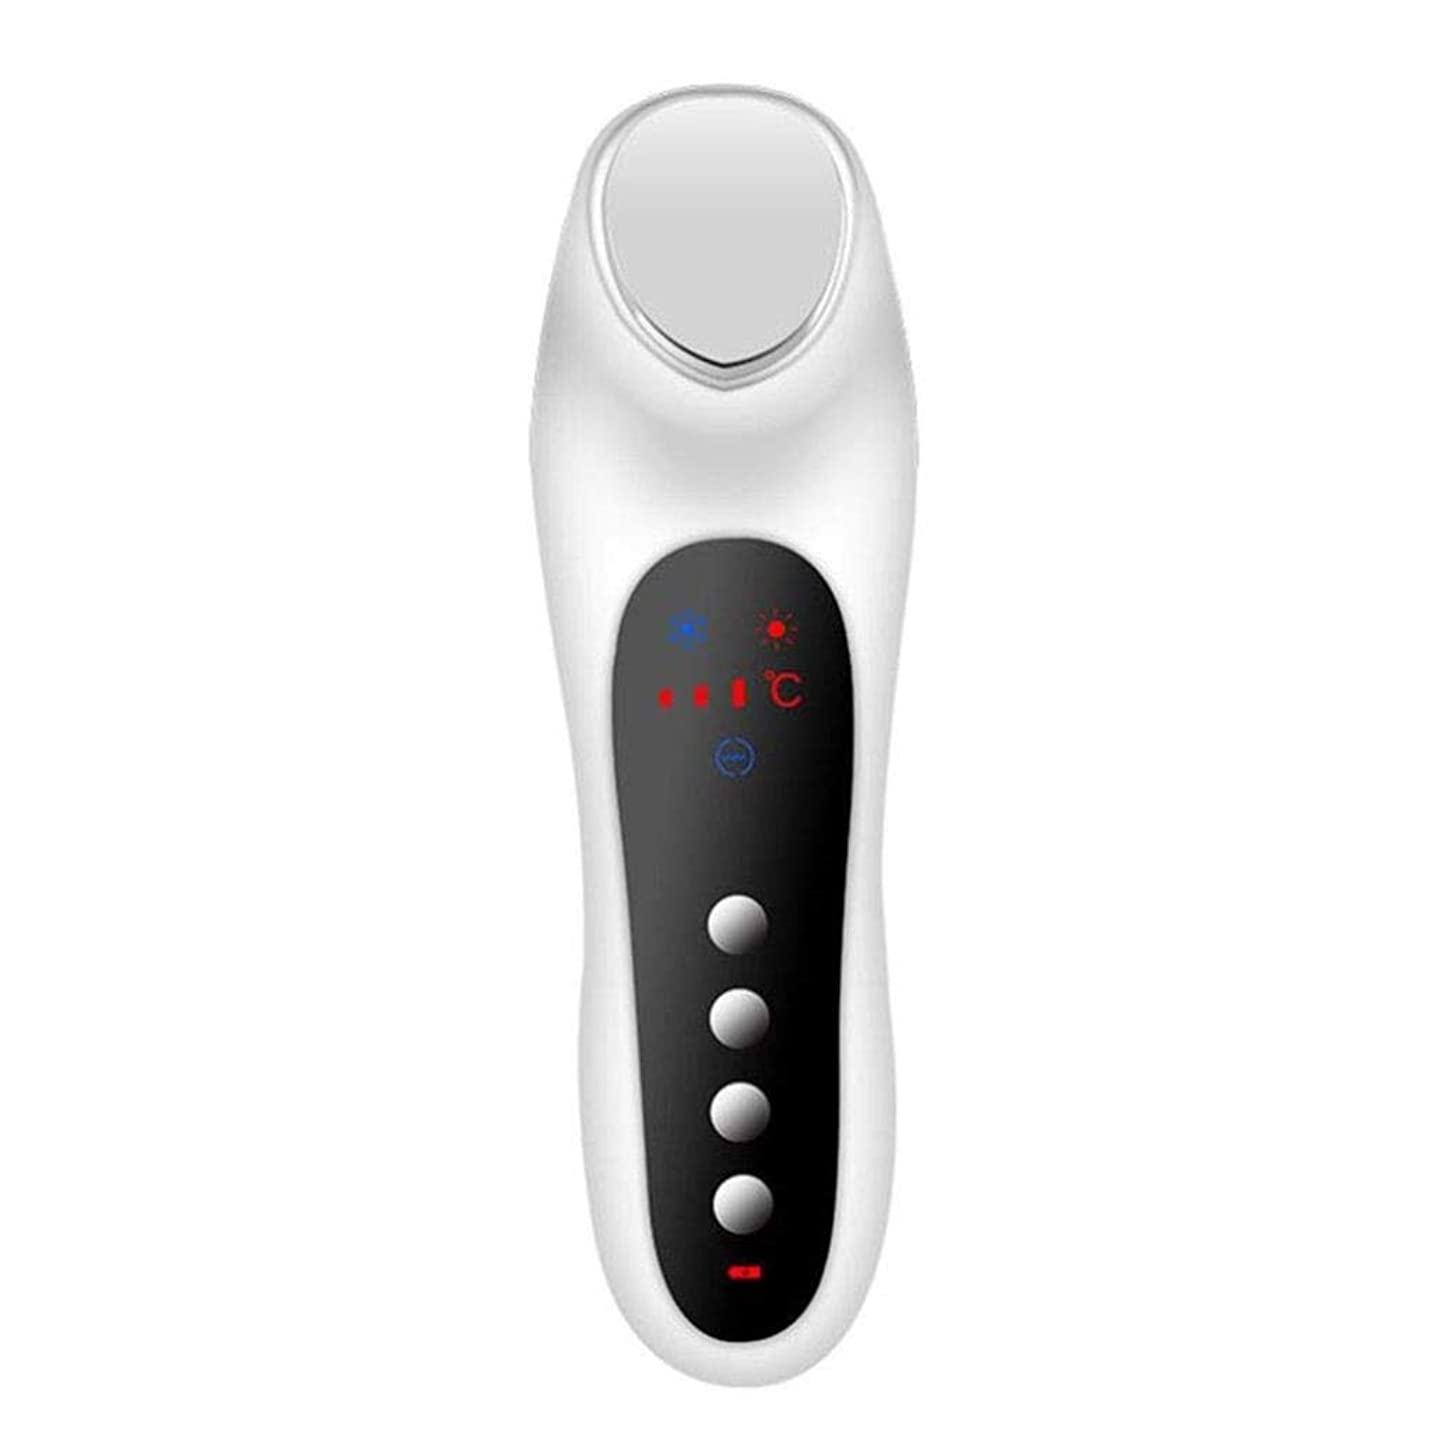 何故なの効能ある一般美機械USBの充満スキンケアの顔の冷たいハンマーのマッサージャー (Color : 白)